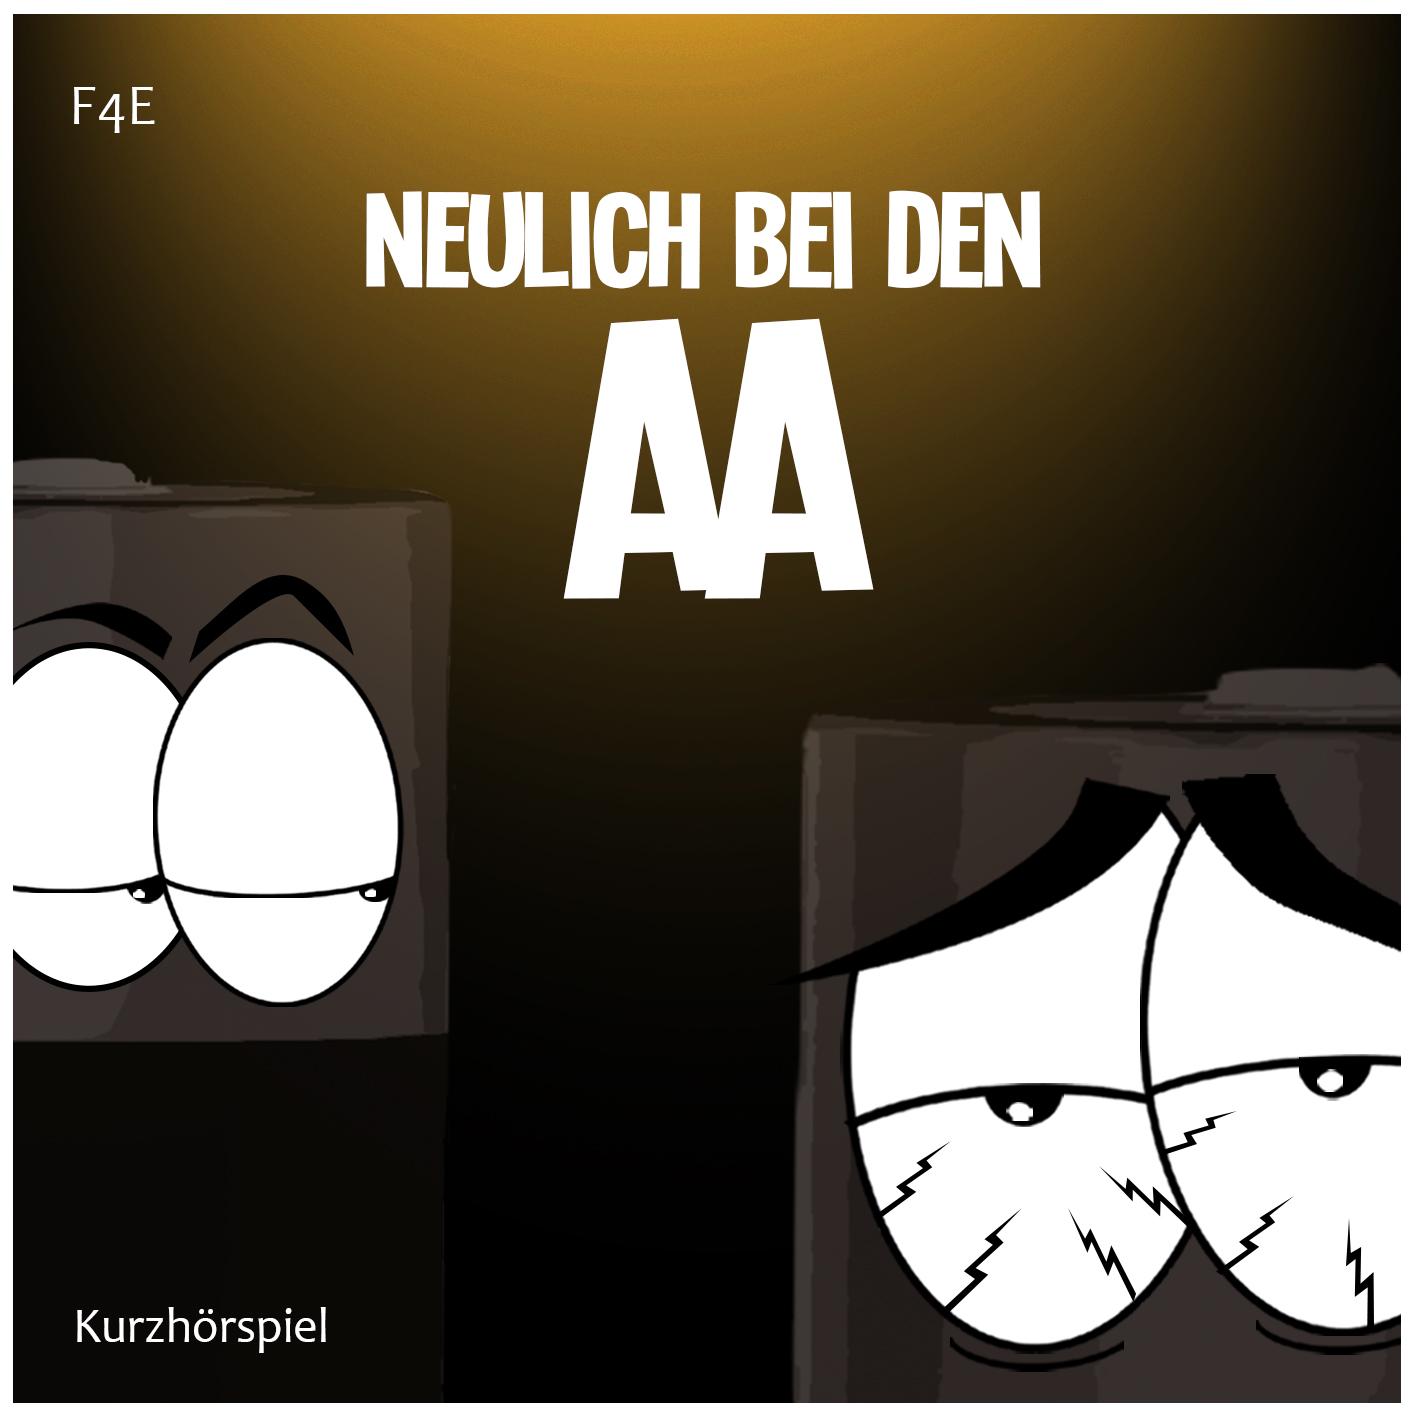 Neulich bei den AA (Sönke Strohkark) fear4ears 2014